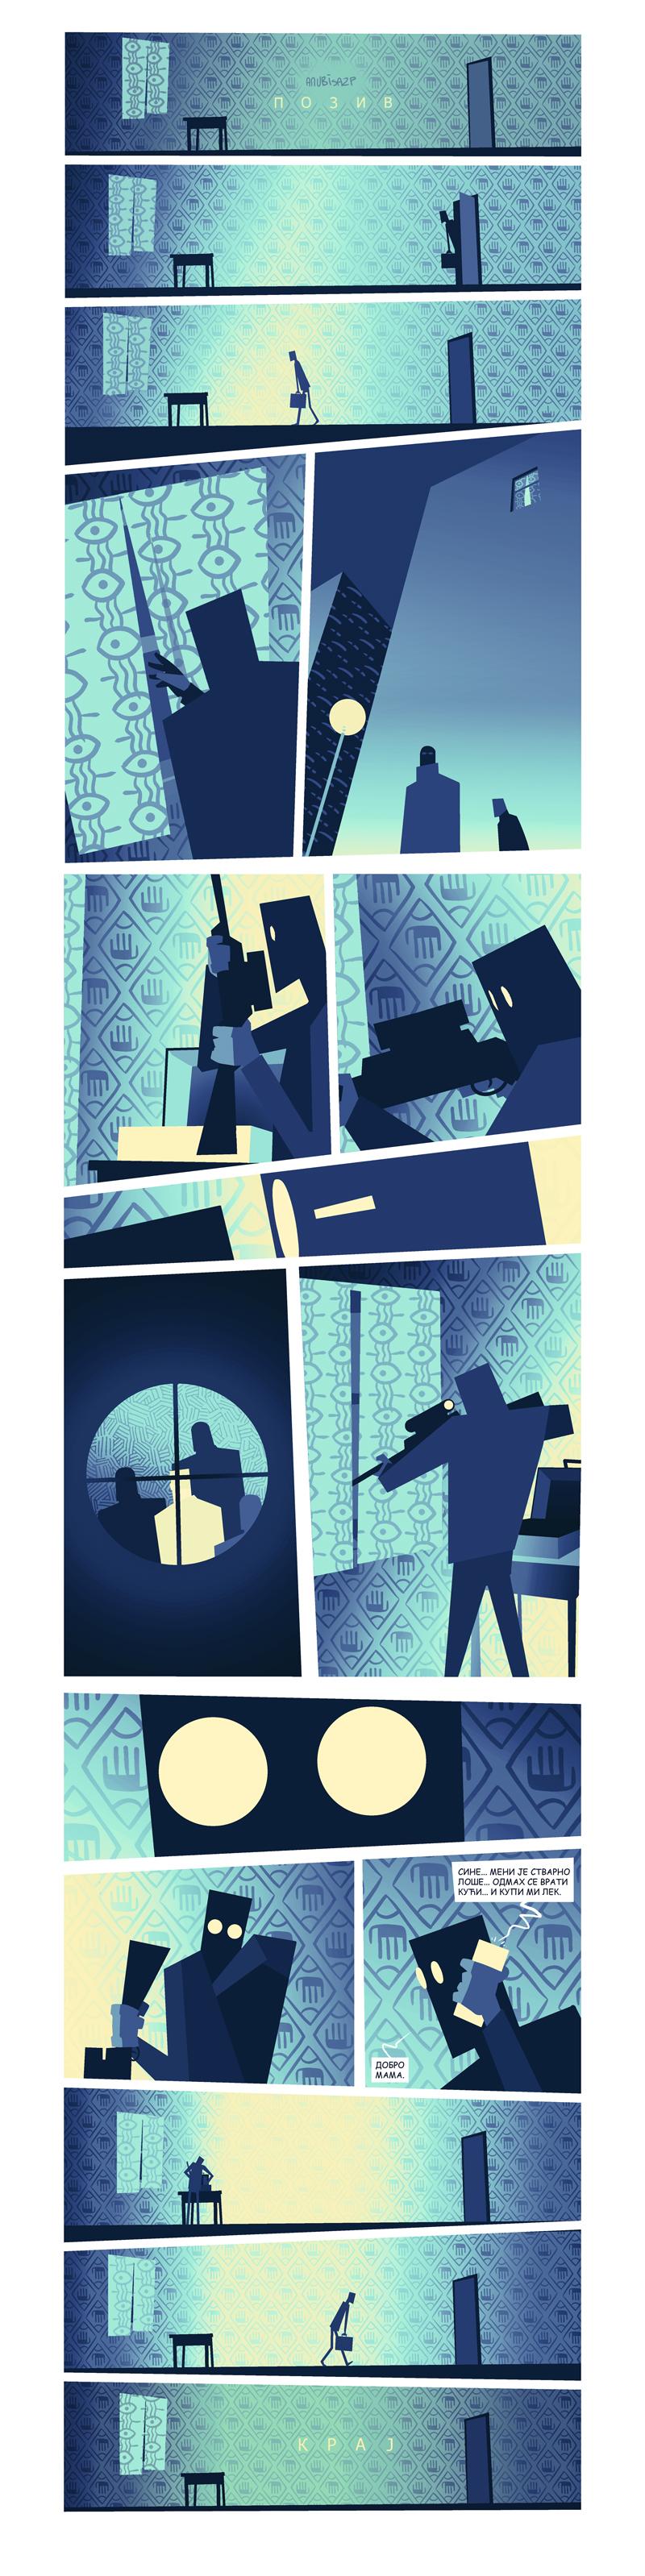 poziv; scenario i crtež: anubisazp